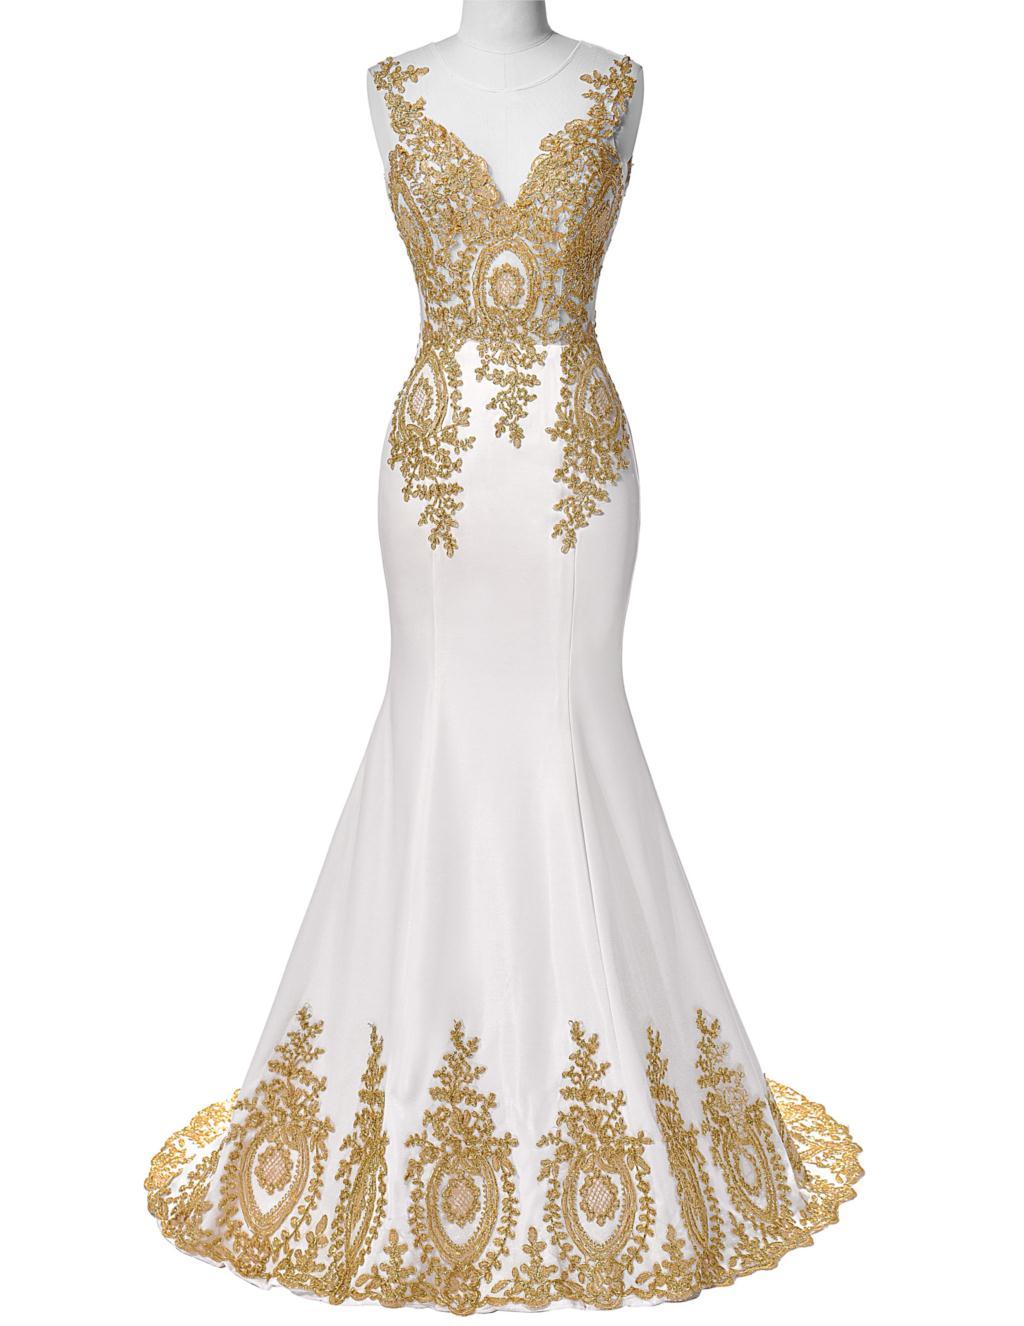 Grace Karin White Mermaid Prom Dress 2016 Dubai Arabic